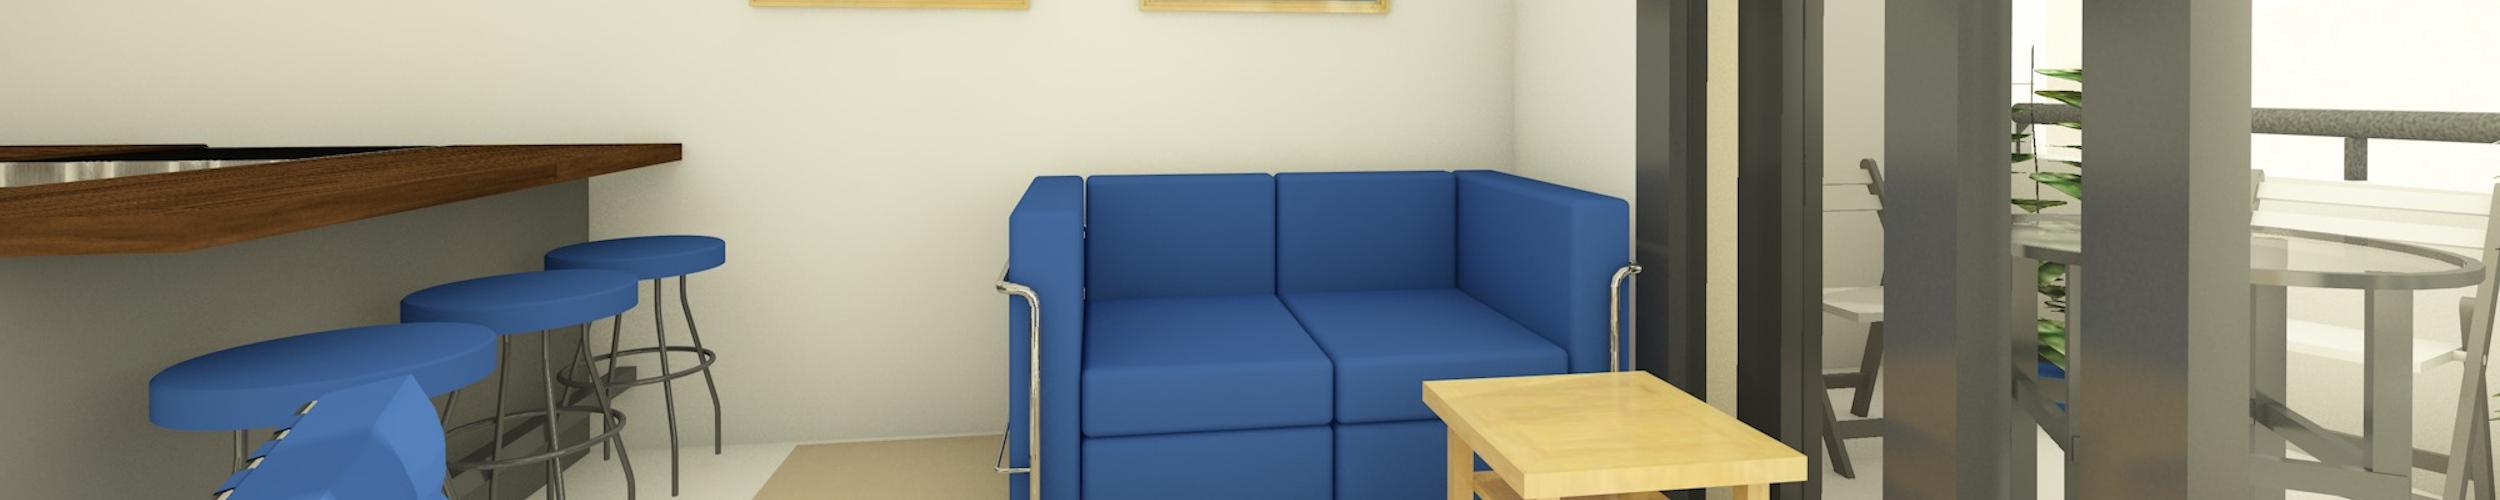 1 zimmer appartement m llerstra e lippstadt 2 og mieten bwg2punkt17. Black Bedroom Furniture Sets. Home Design Ideas